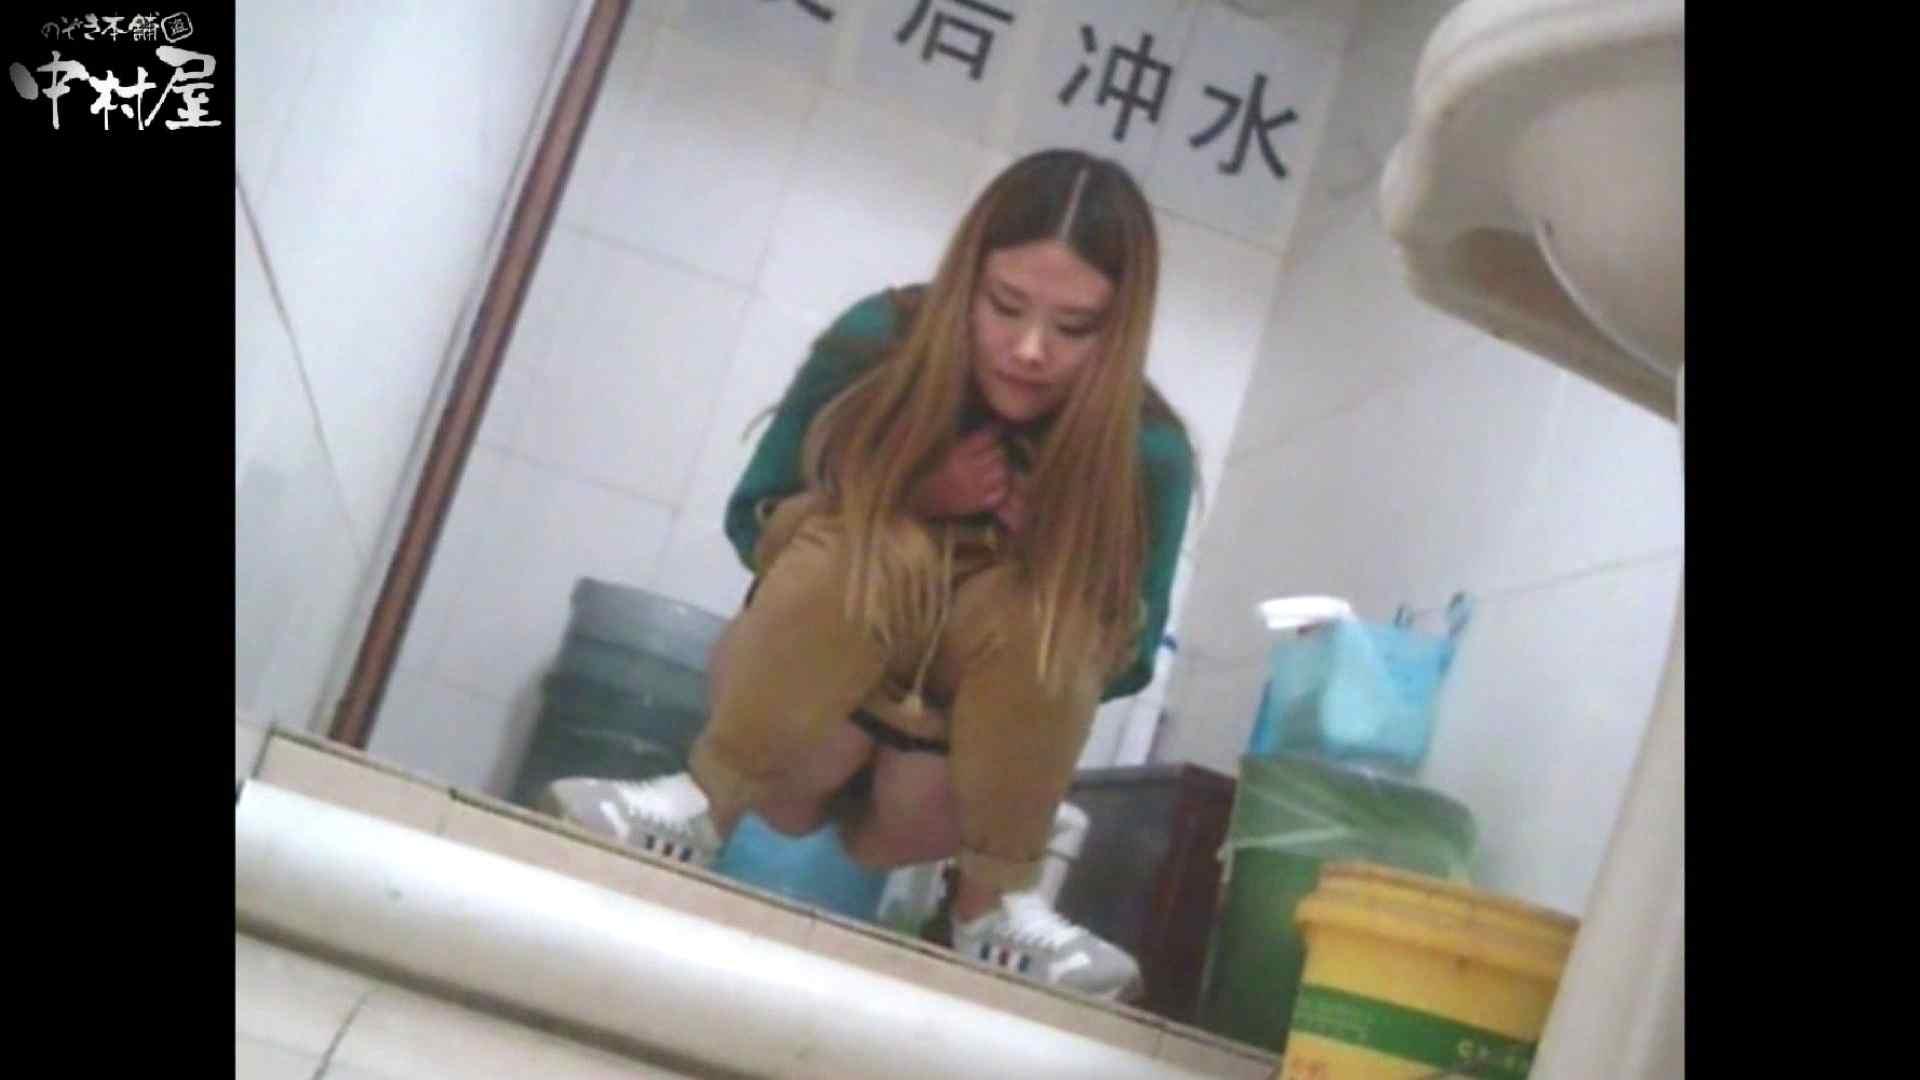 李さんの盗撮日記 Vol.15 超エロギャル ヌード画像 51枚 38